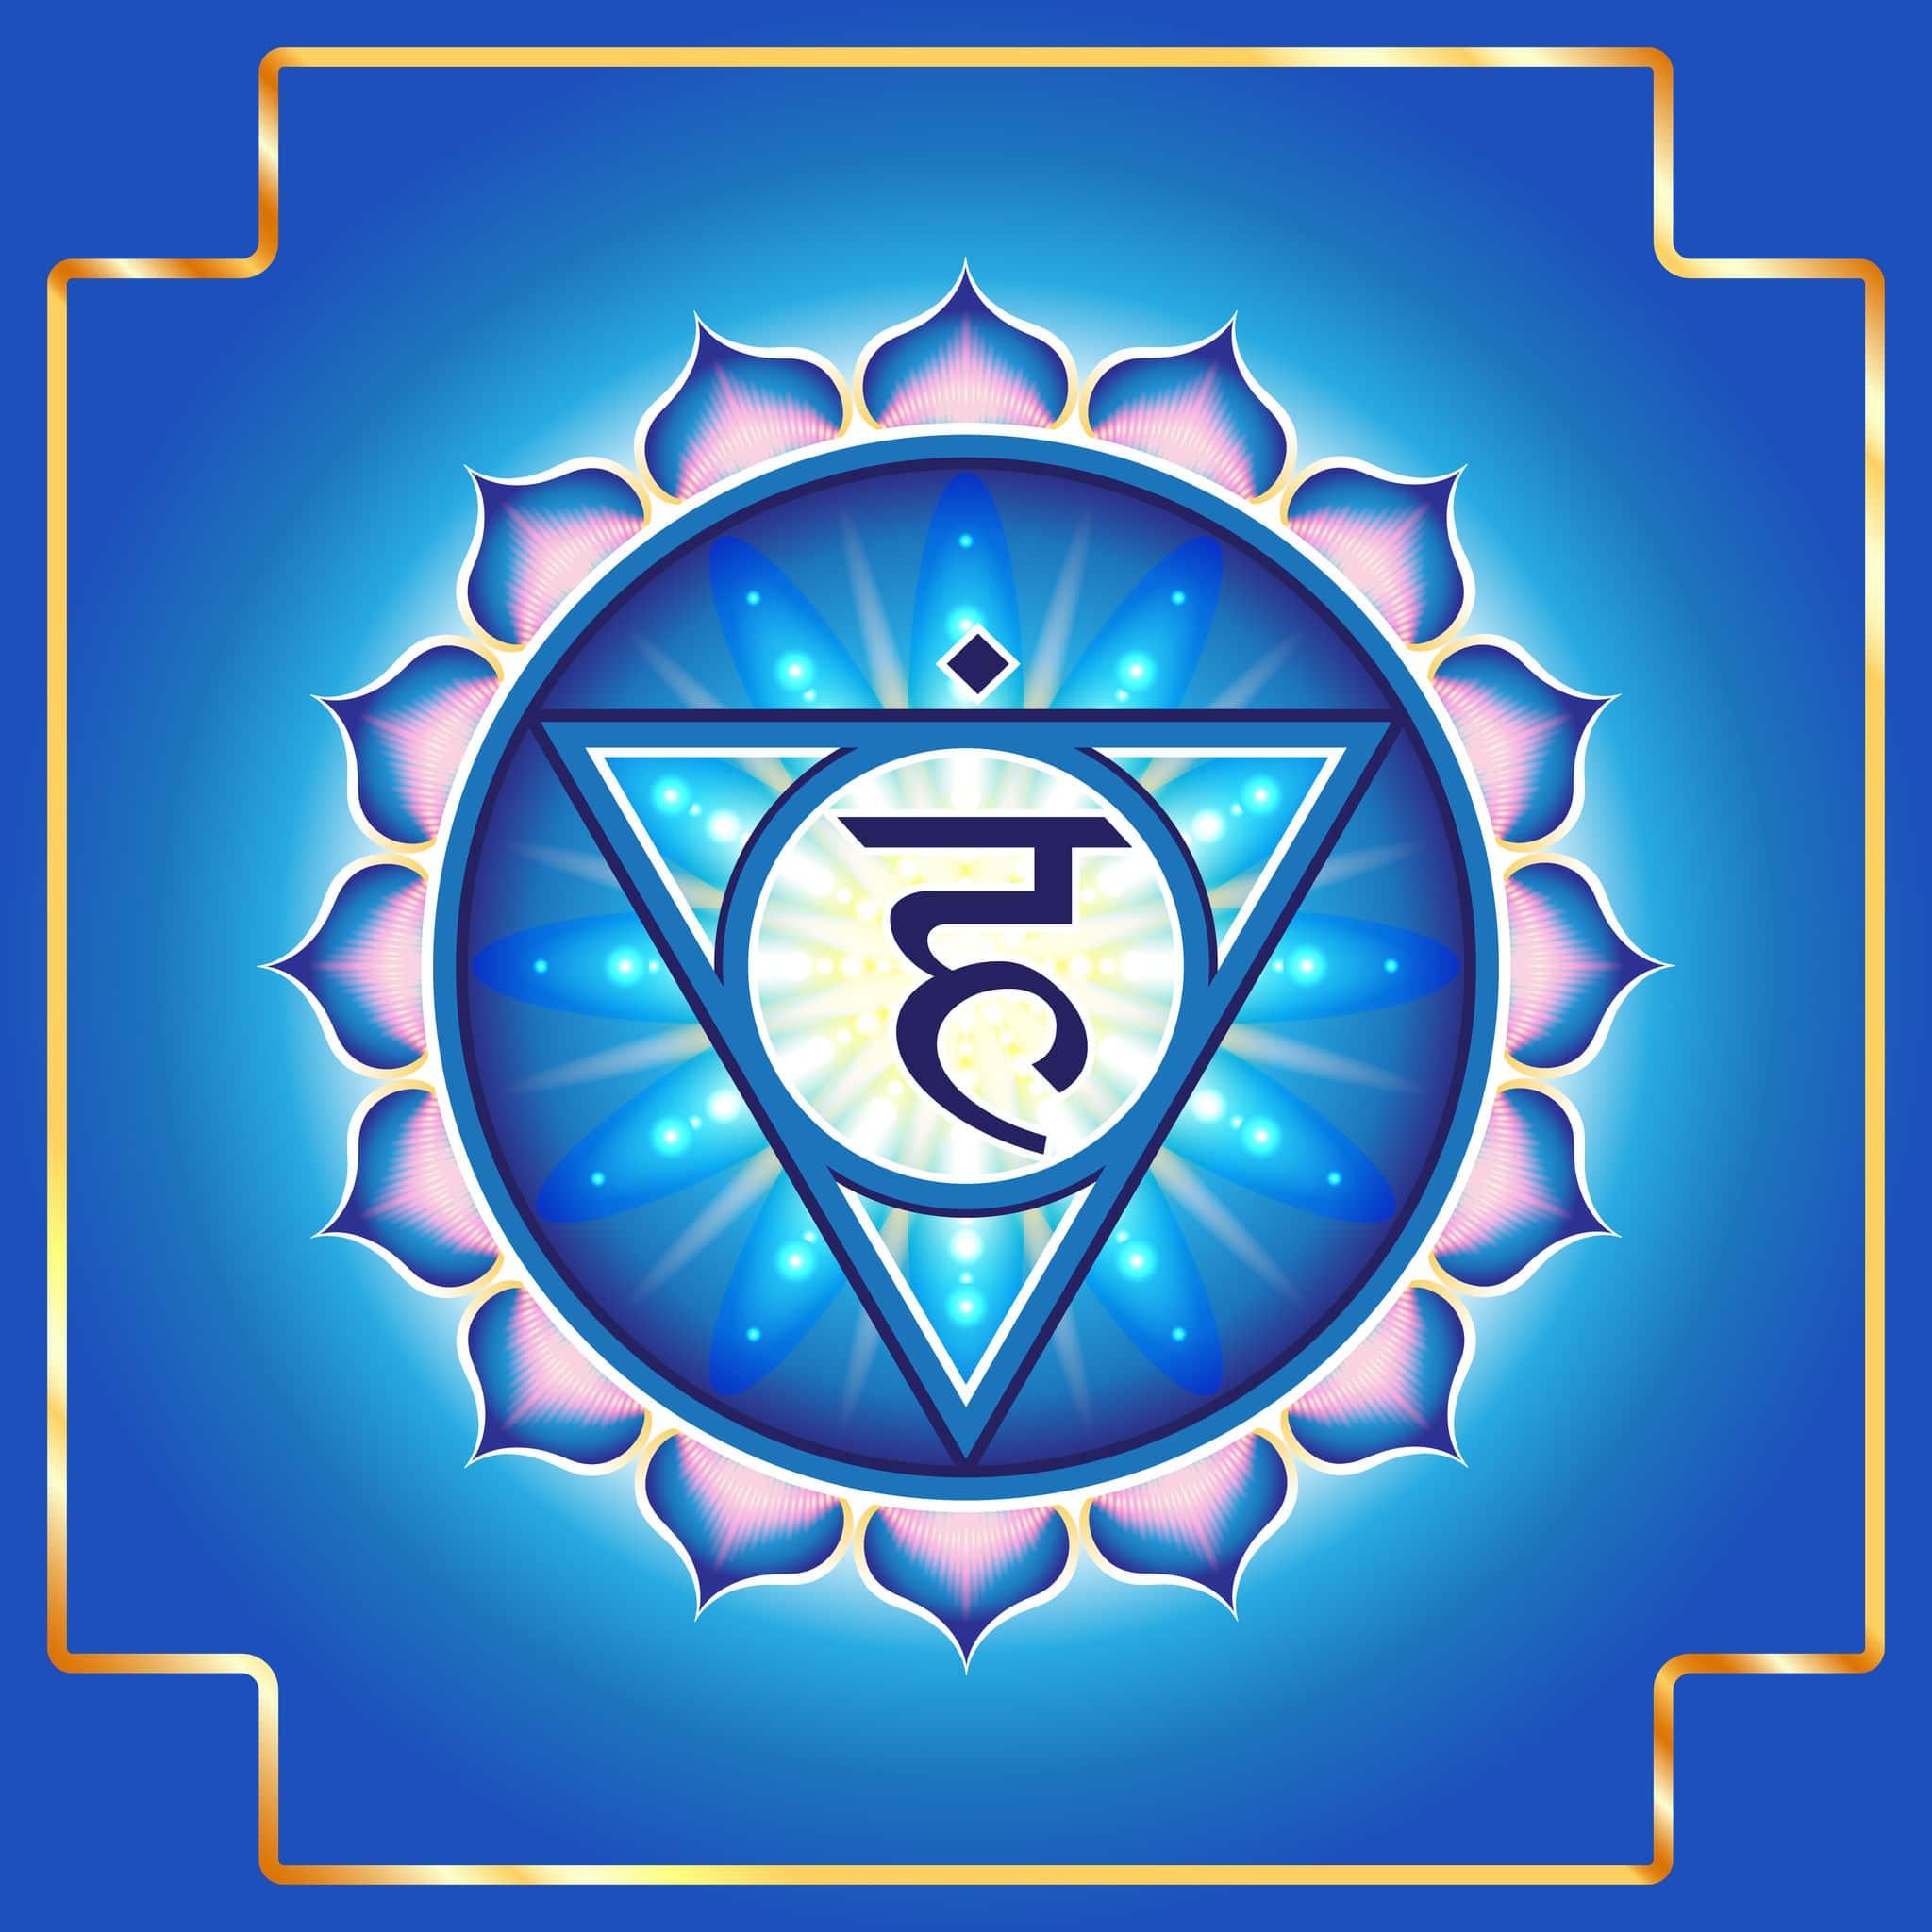 Desenho do símbolo do Chakra Laríngeo